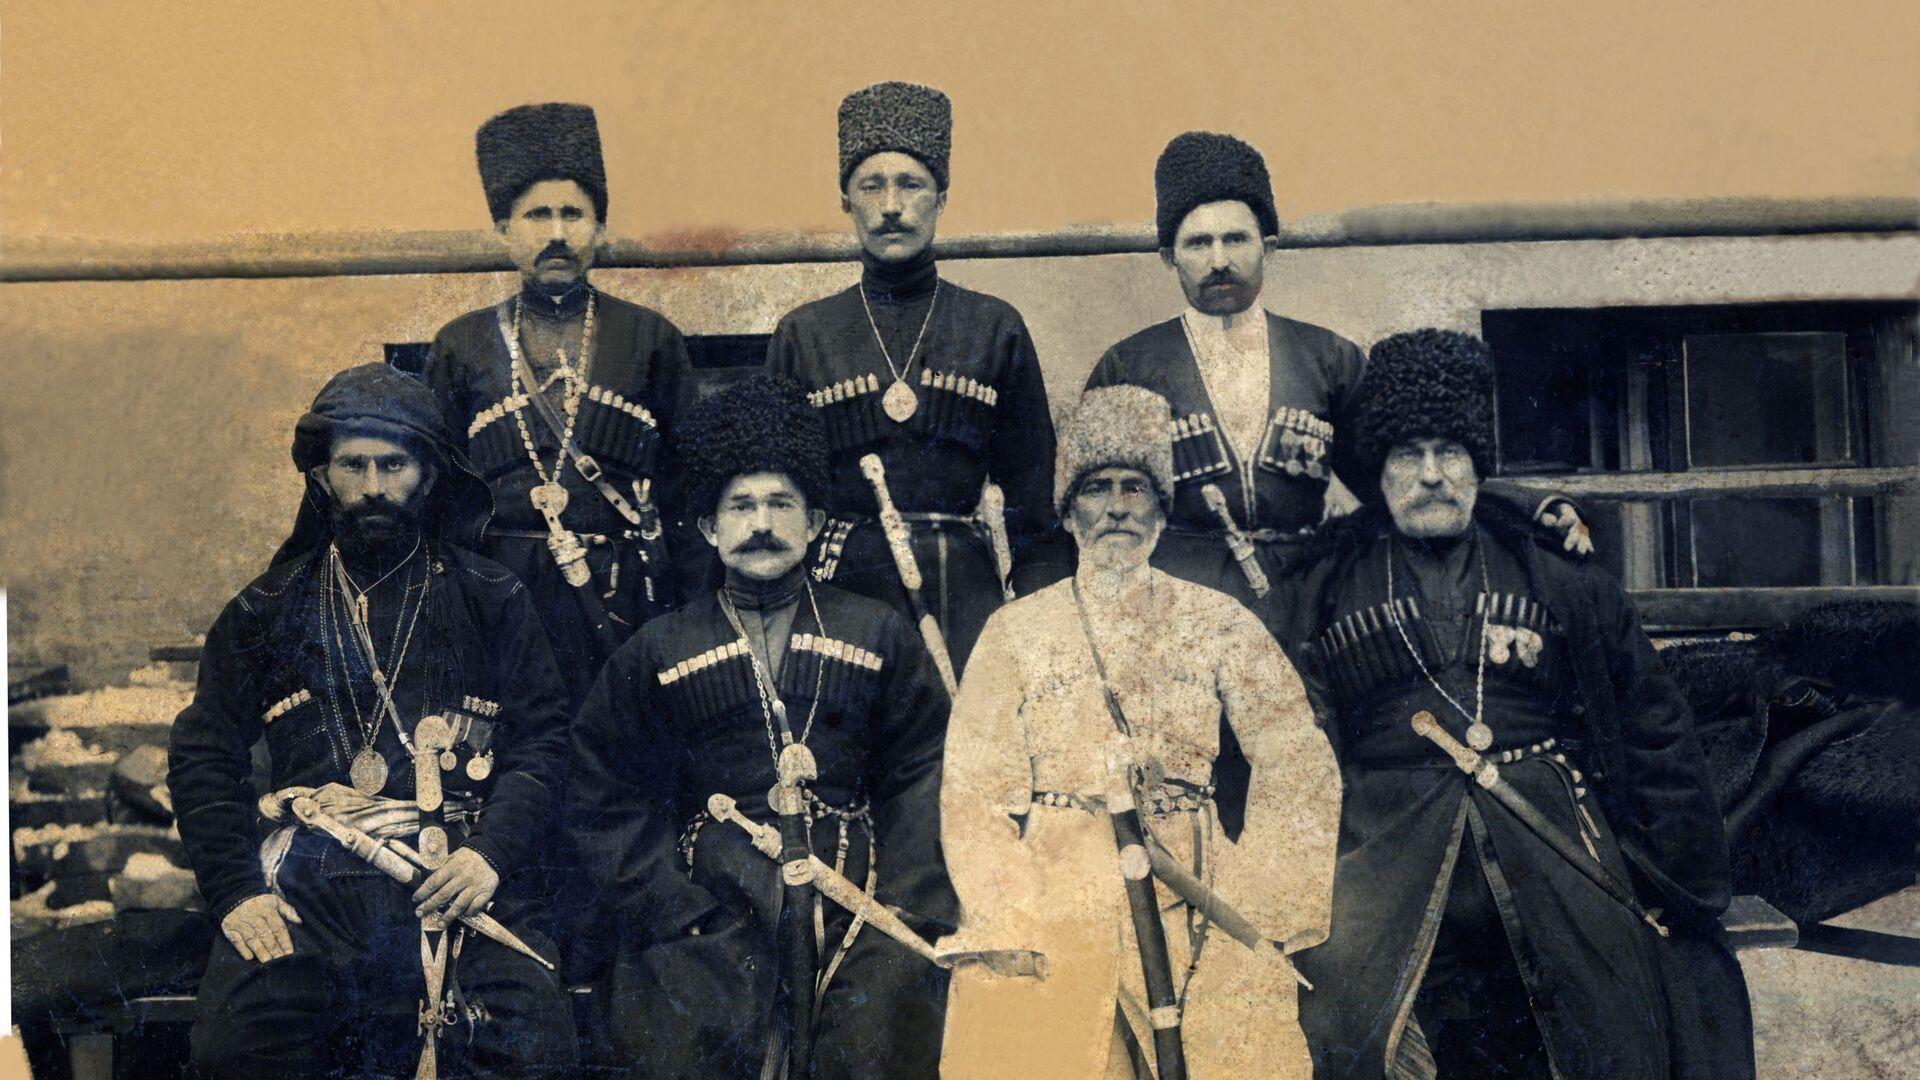 Гәдоуҭатәи аделегациа Романоваа рыҩны 300 шықәса ахыҵра азгәаҭараан - Sputnik Аҧсны, 1920, 09.10.2021